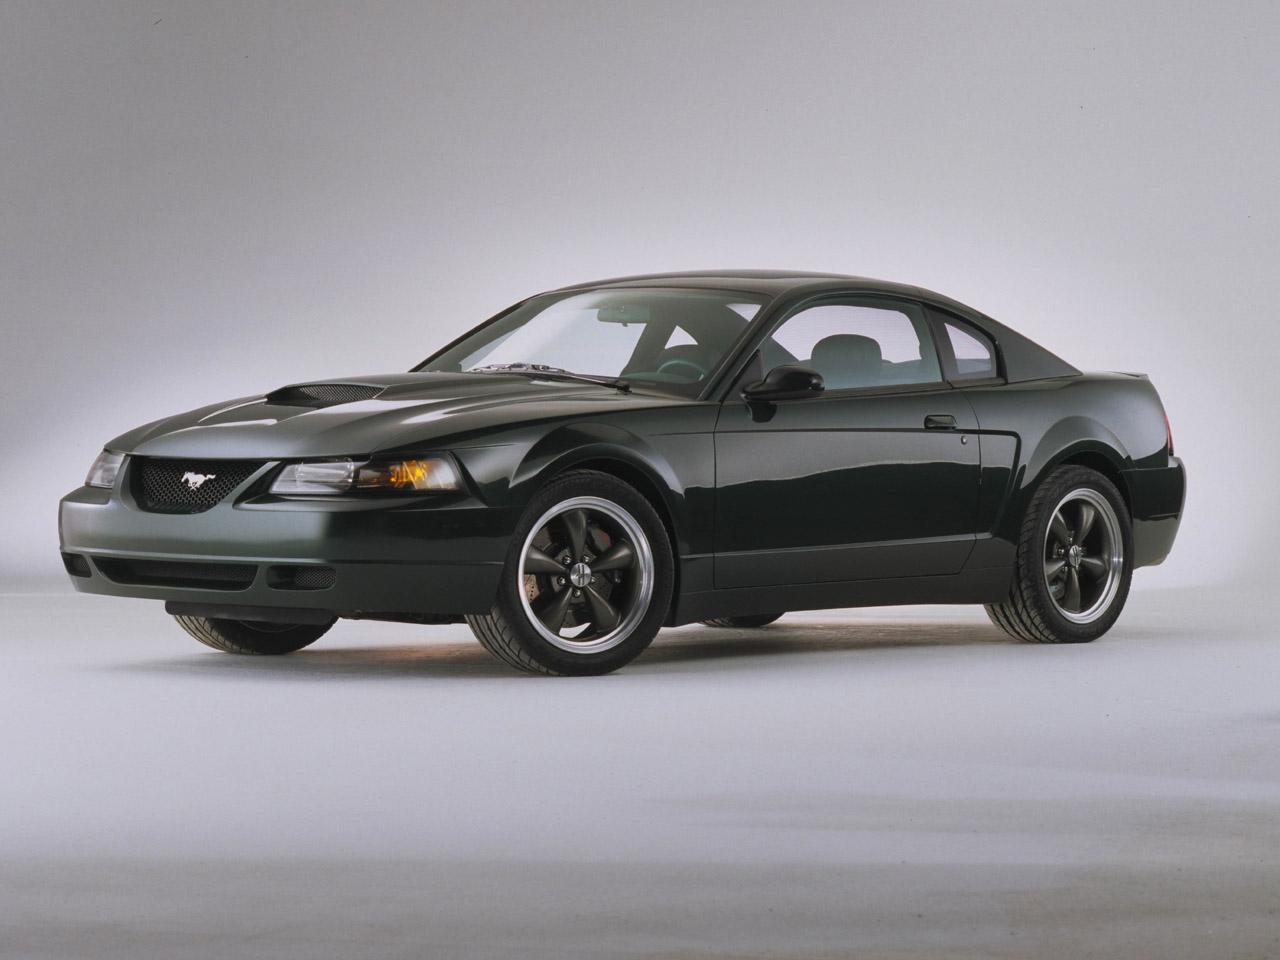 2001 Ford Mustang Bullitt Gt Image Https Www Conceptcarz Com Images Ford 2000 Bullitt Mustang